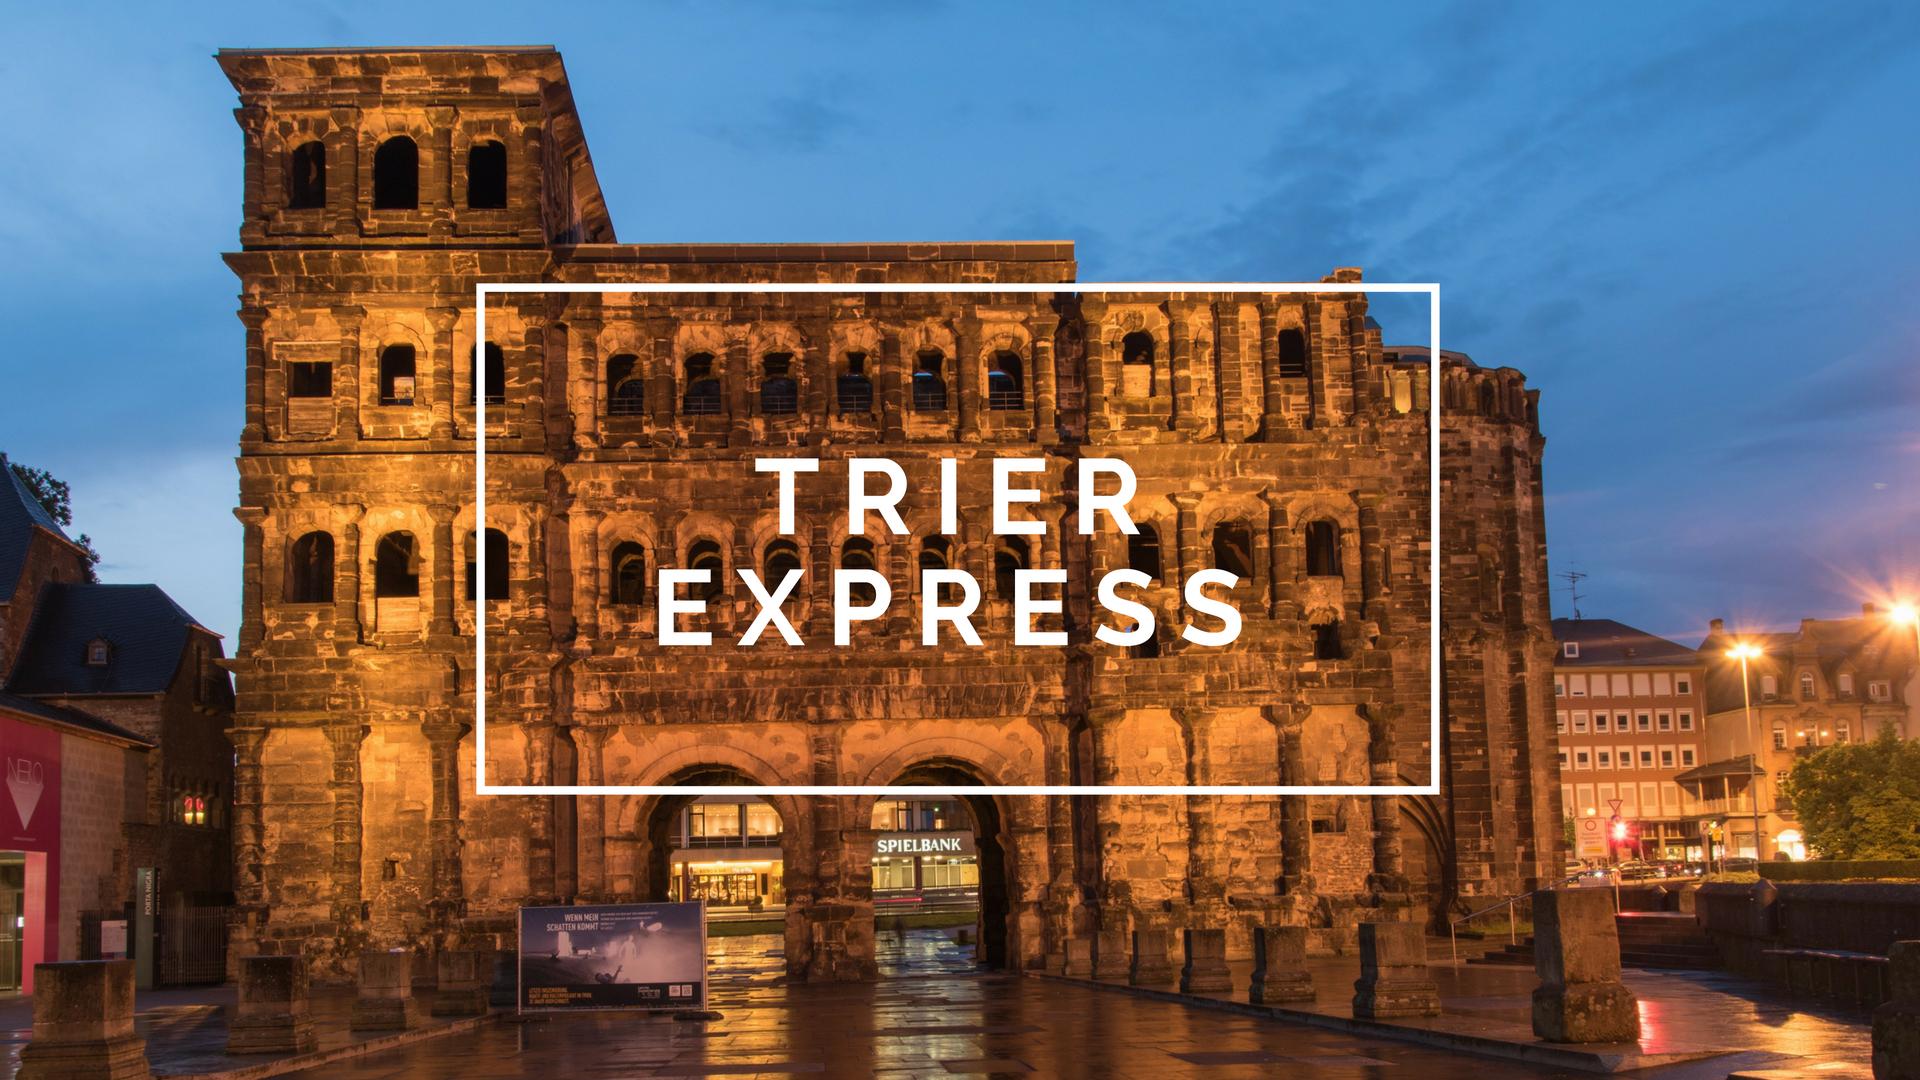 Trier Express